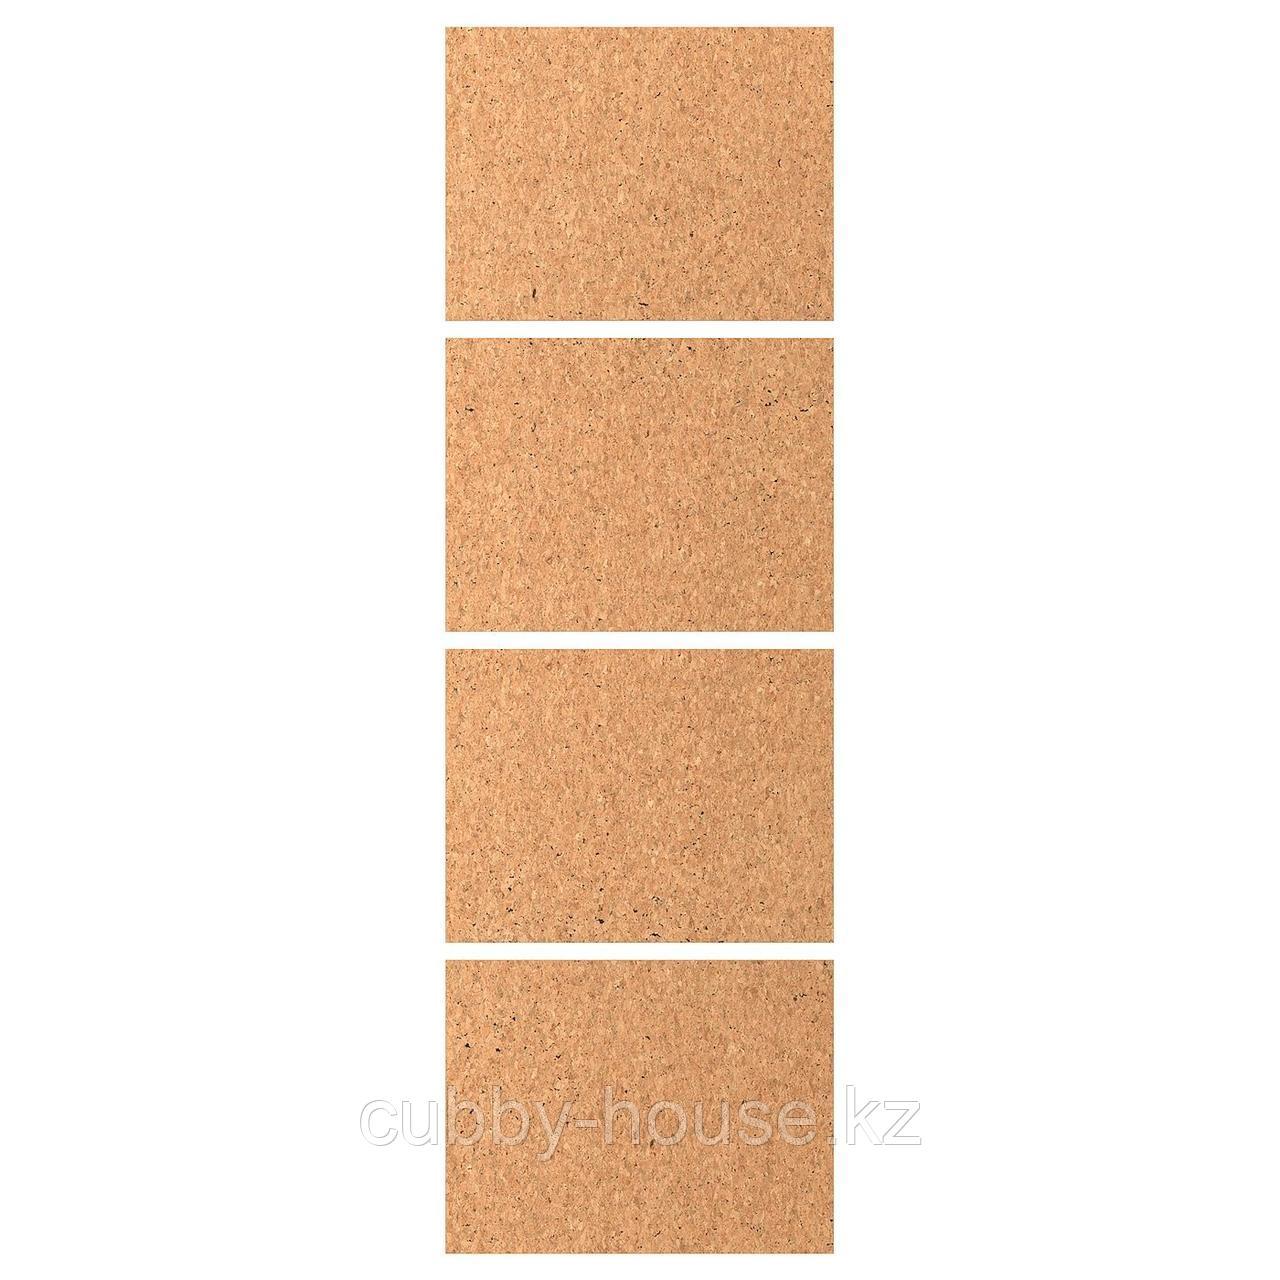 КИРКЕНЕС 4 панели д/рамы раздвижной дверцы, пробковый шпон пробка, 100x236 см